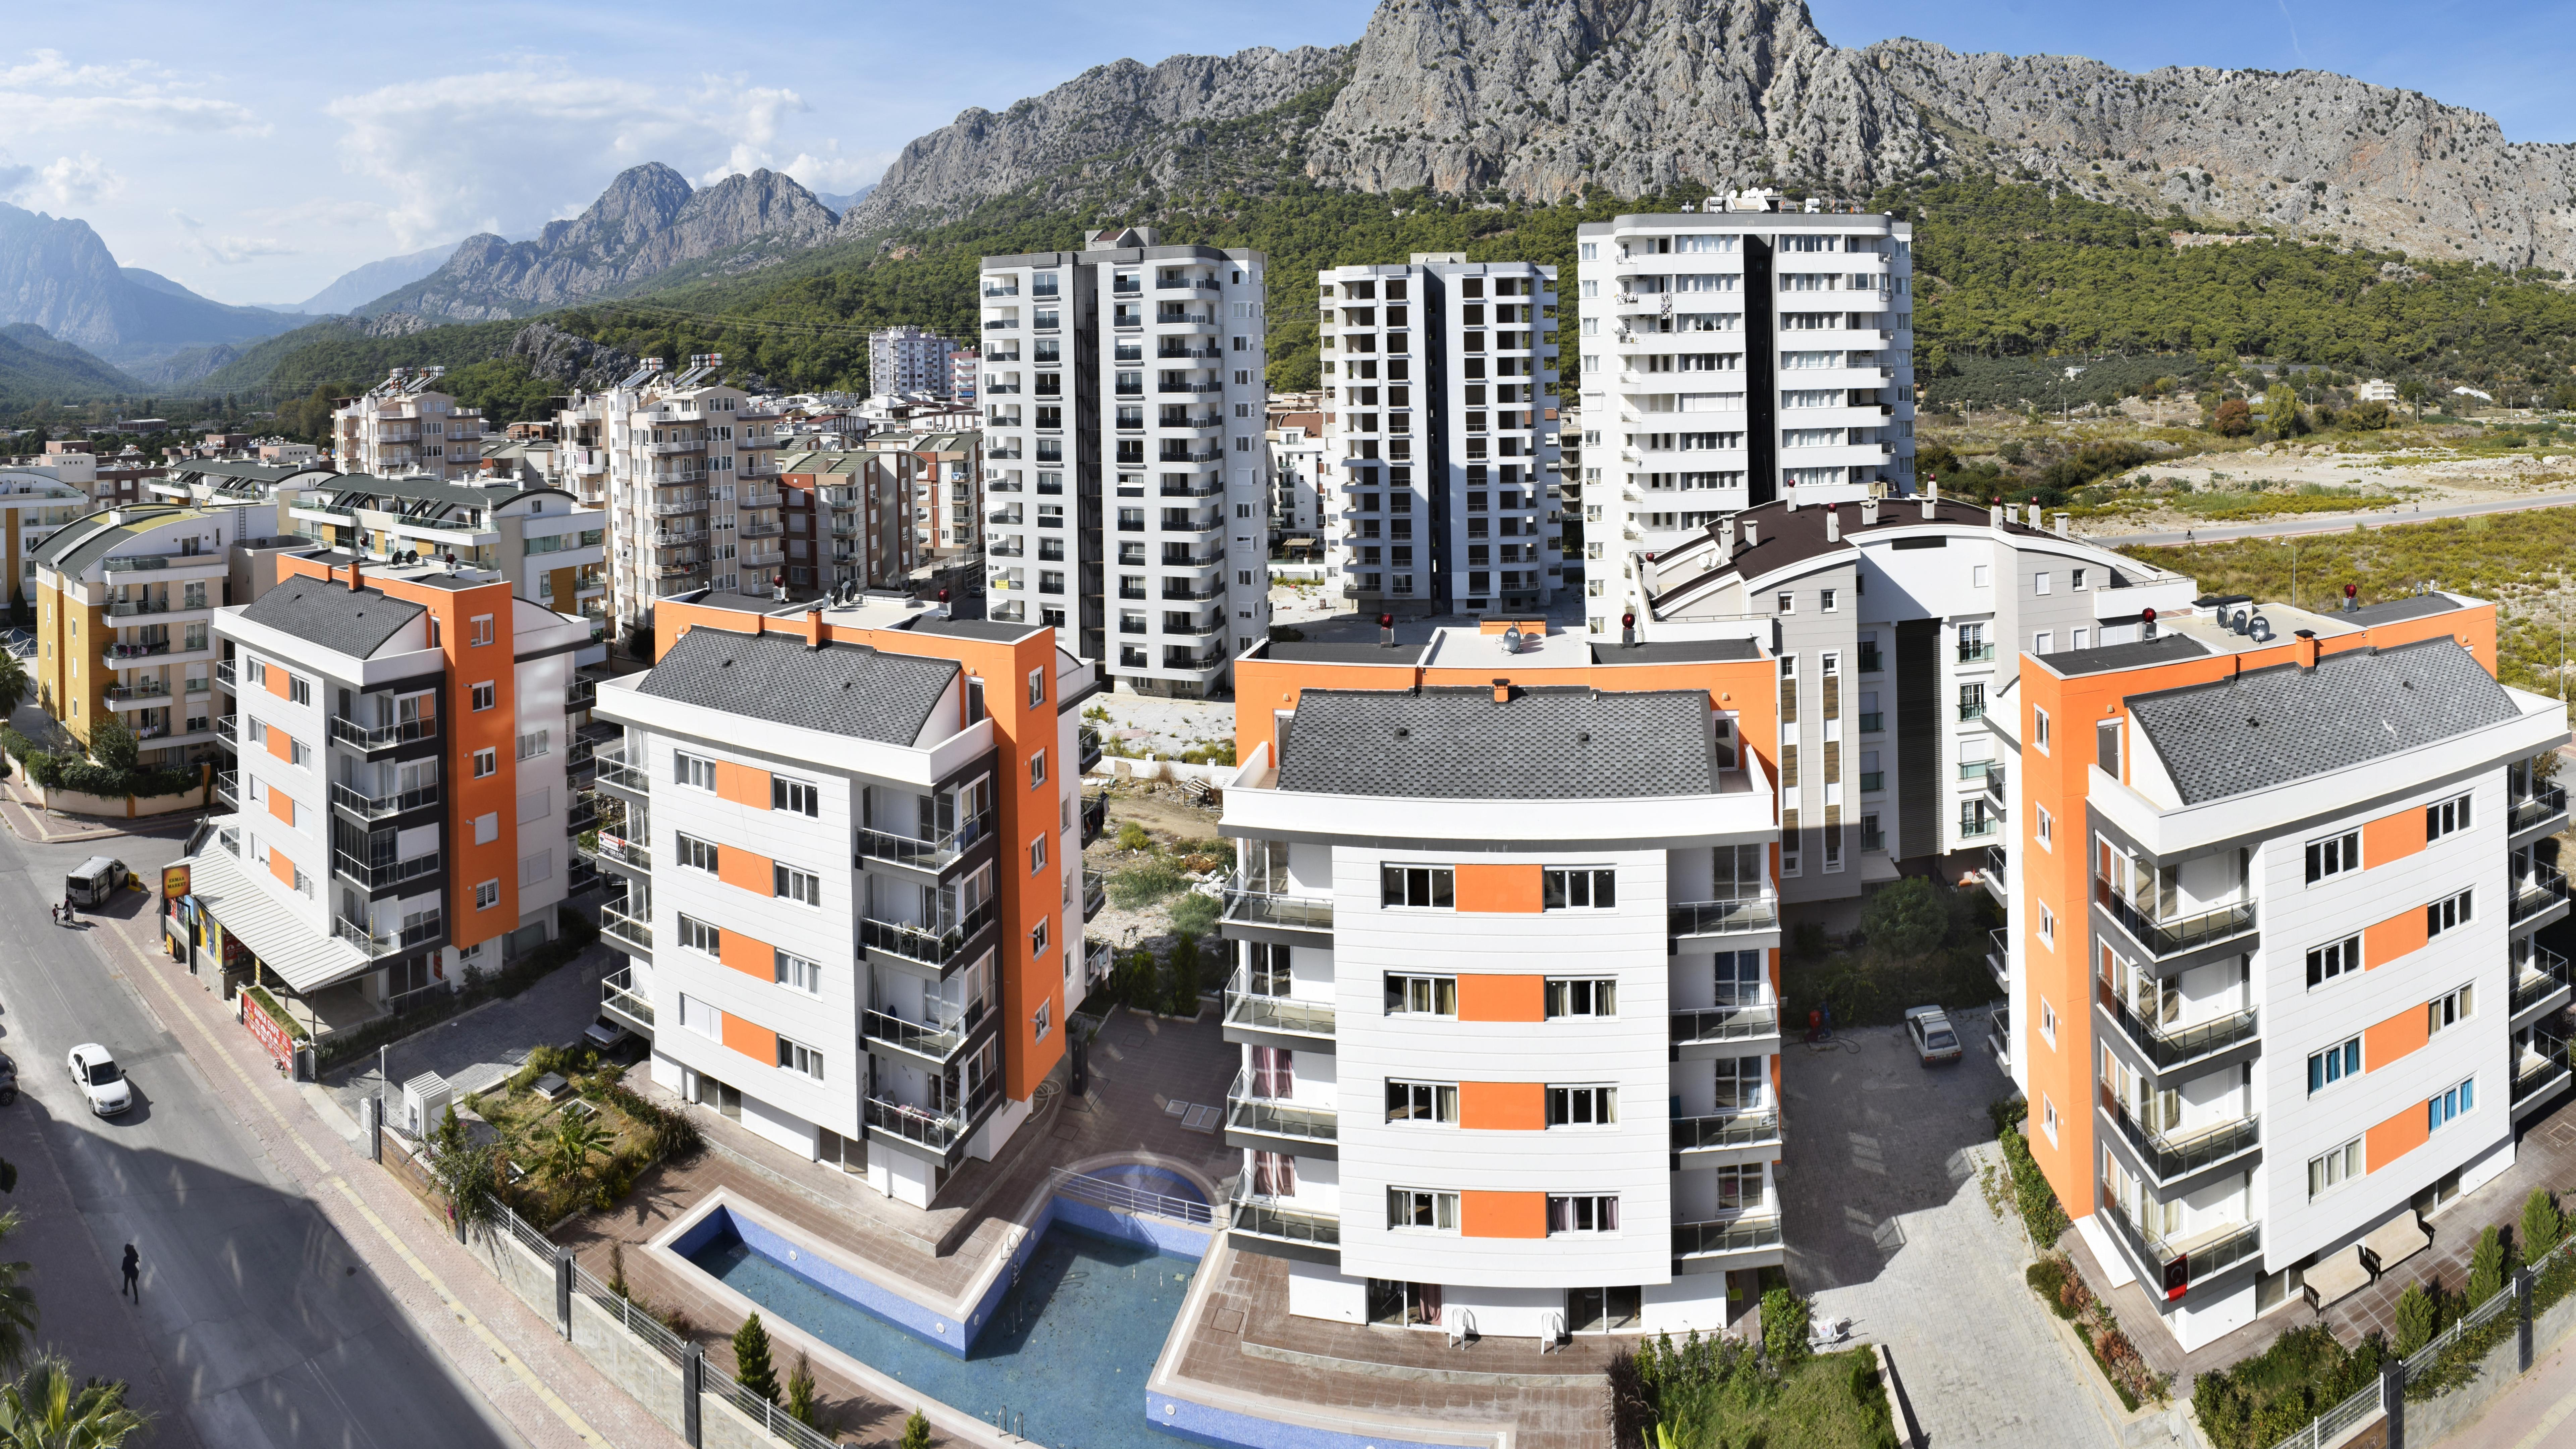 Ferienwohnung Gerumige 2 Schlafzimmer fr 5 Personen mit Blick auf die Berge Gratis Wifi (2782160), Çakirlar, , Mittelmeerregion, Türkei, Bild 6